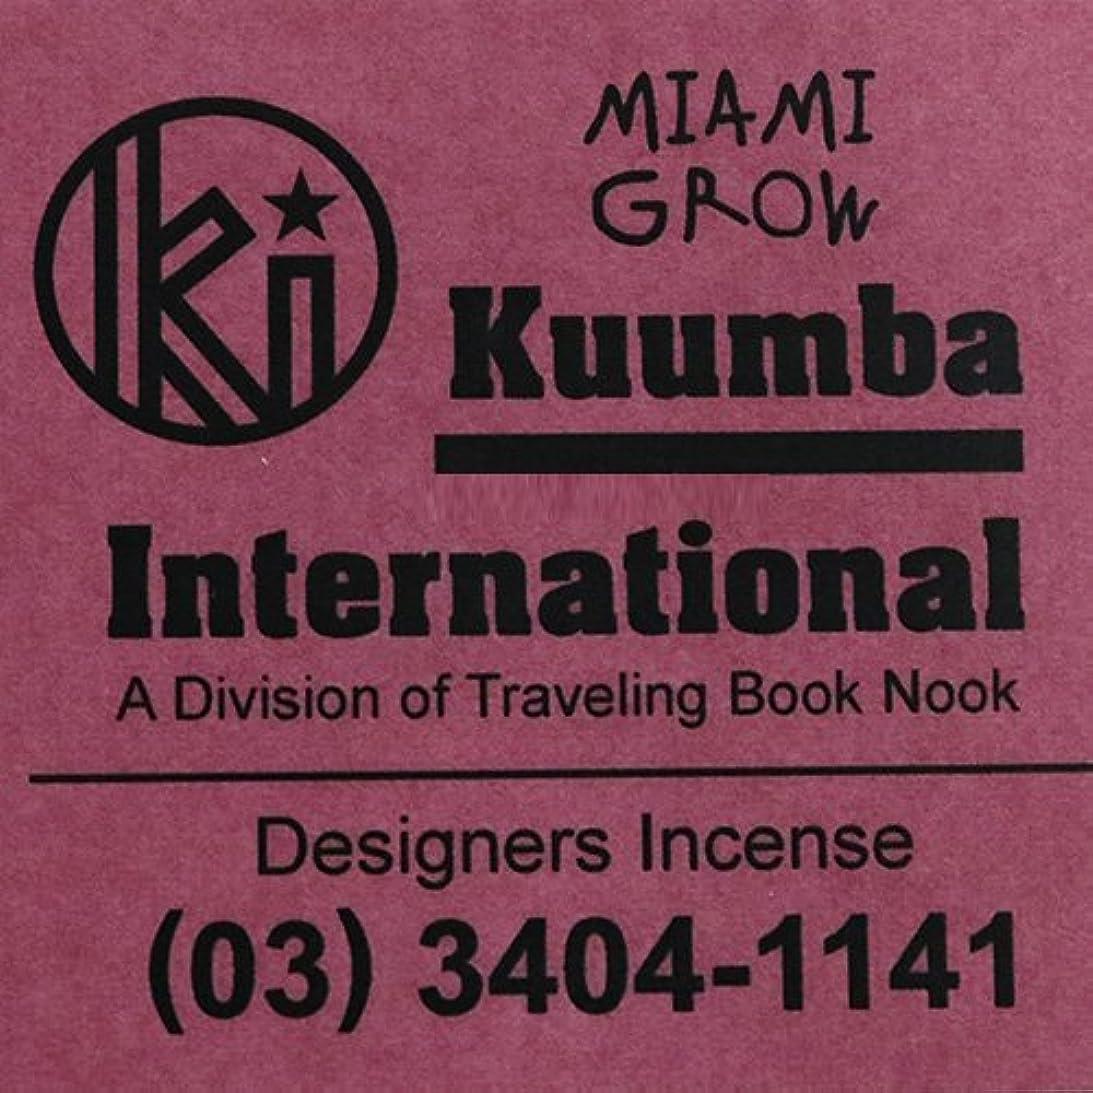 合わせて滞在説教する(クンバ) KUUMBA『incense』(MIAMI GROW) (Regular size)